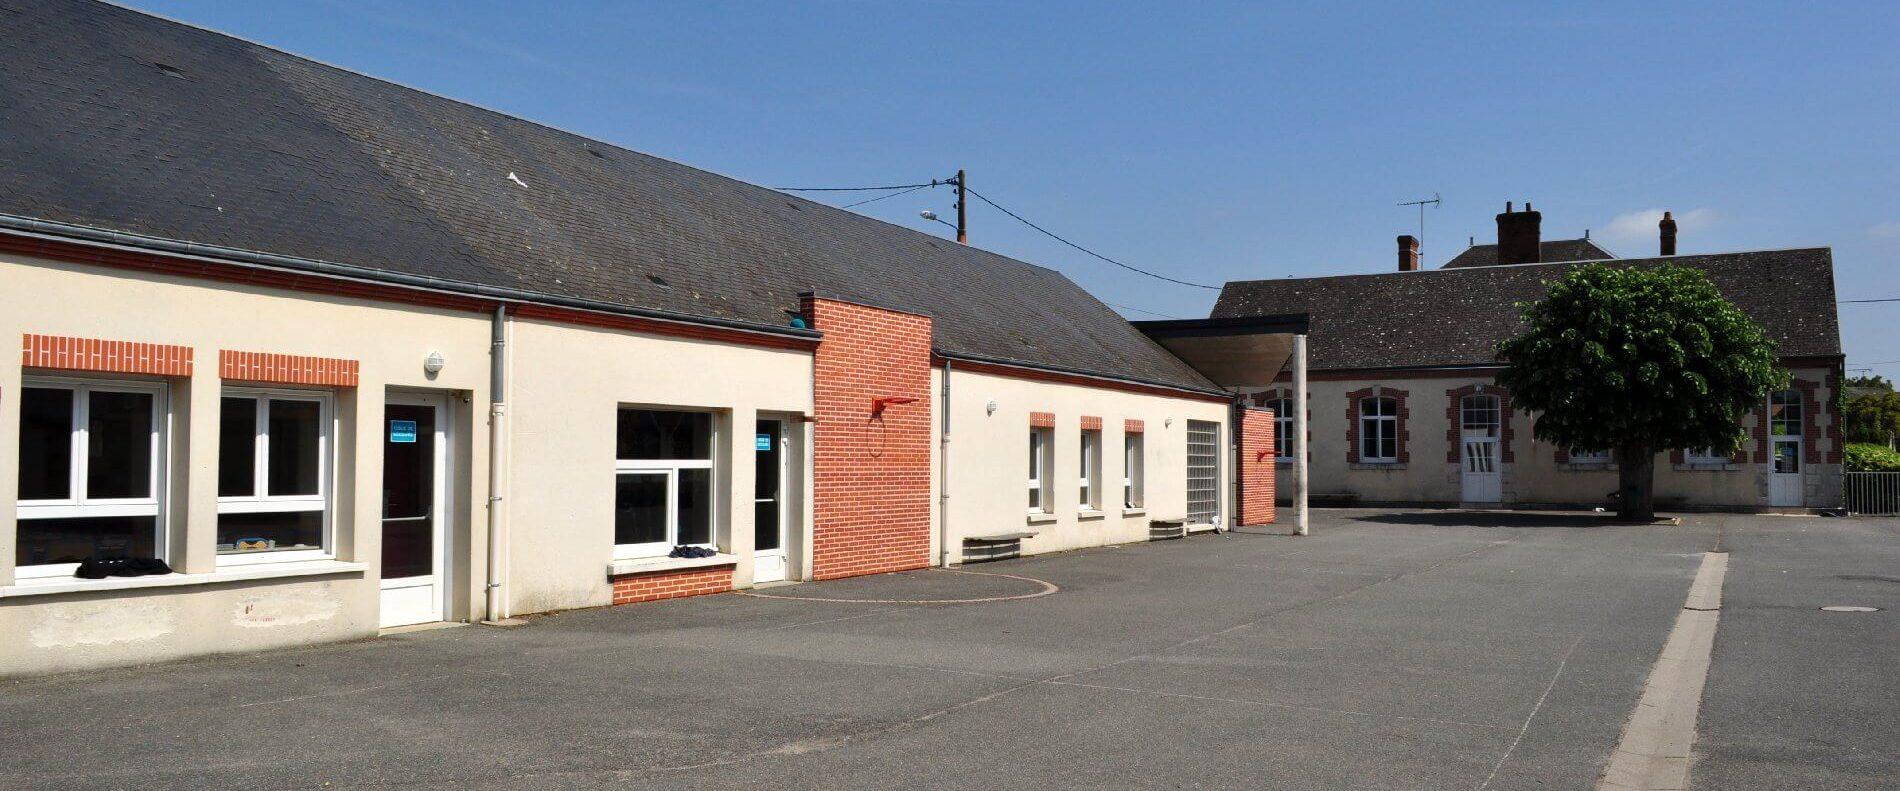 Ecole de la commune de Cravant (45)